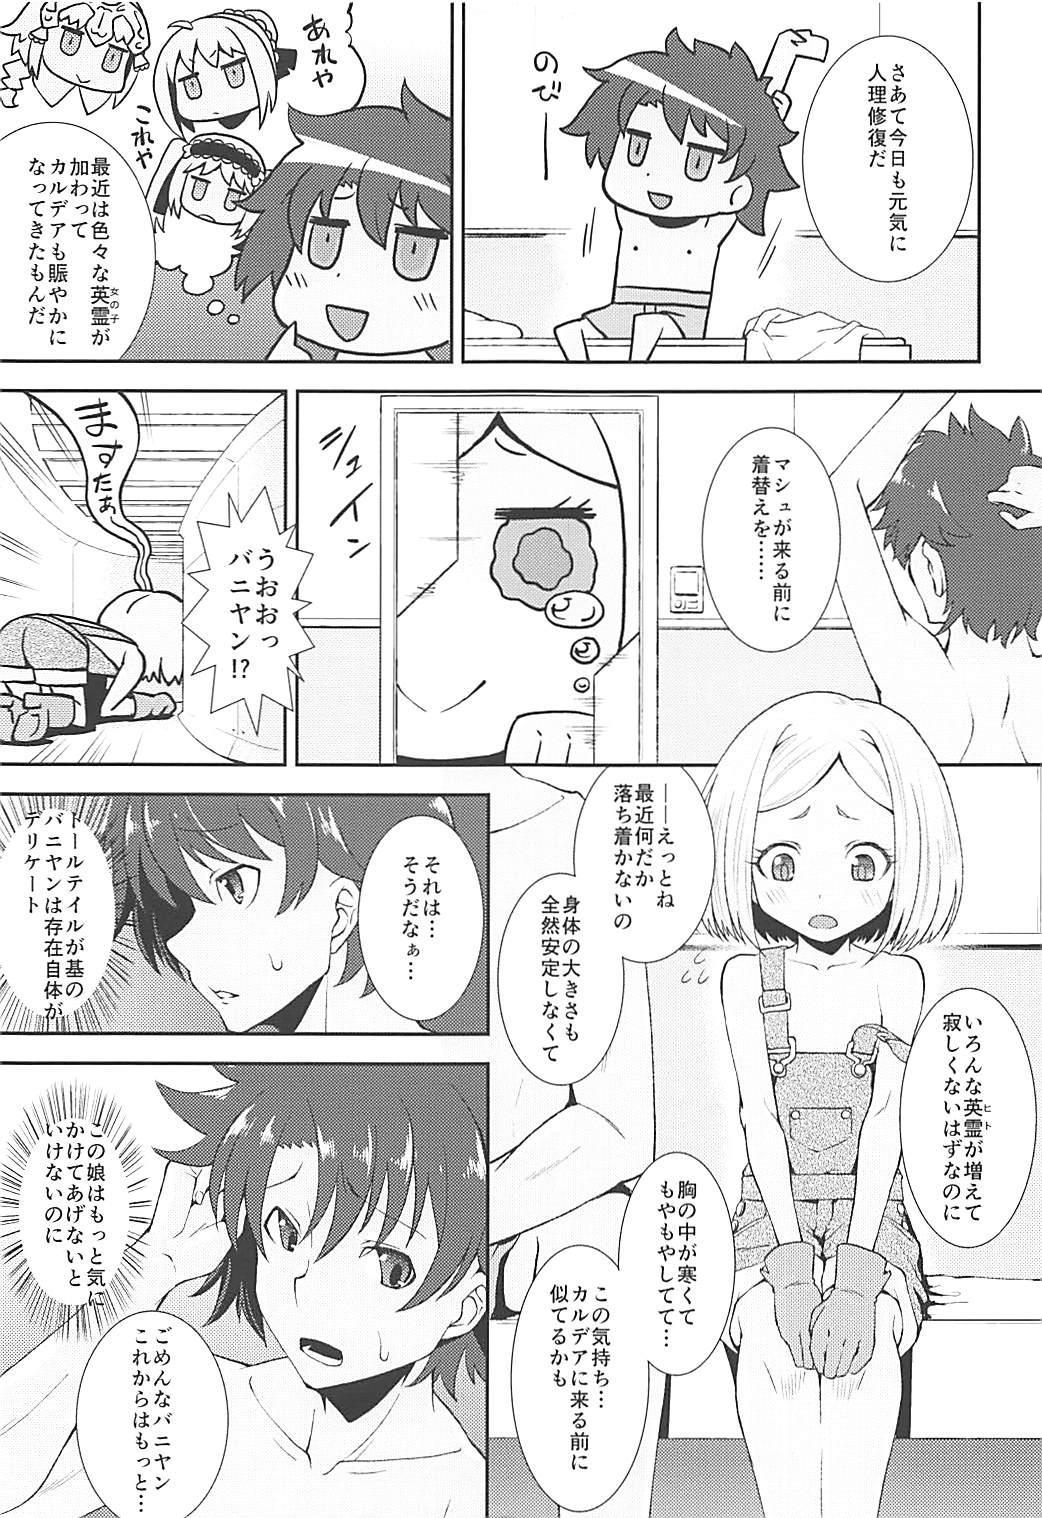 Odoroku beki Sandan Katsuyo 3